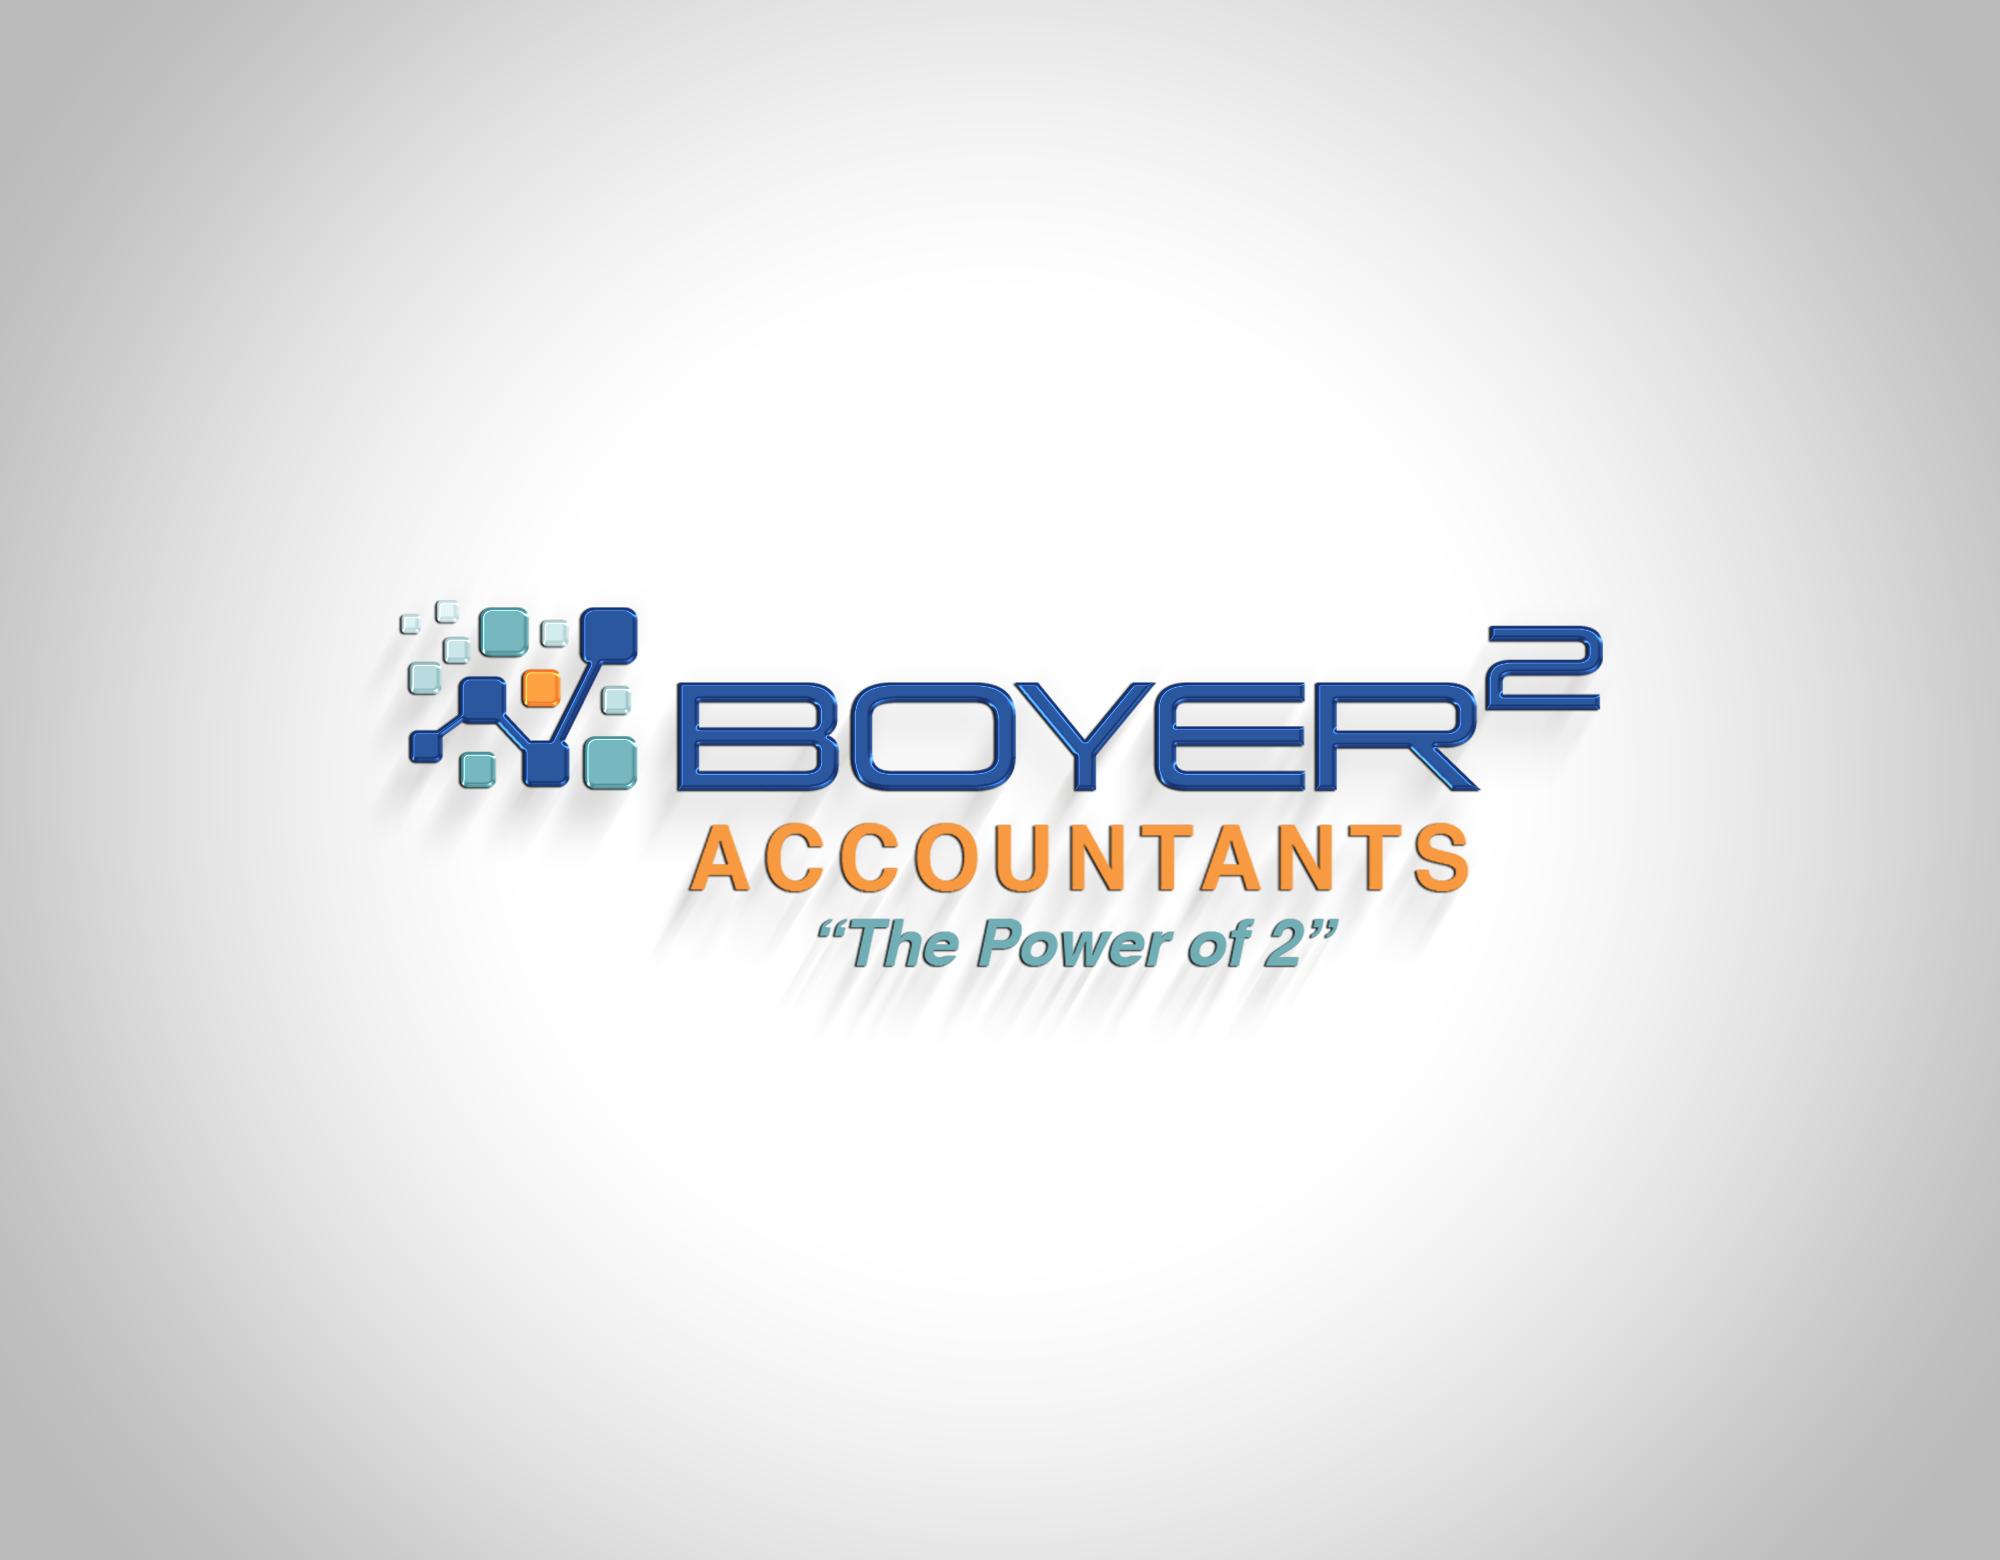 Boyer Accountants Inc